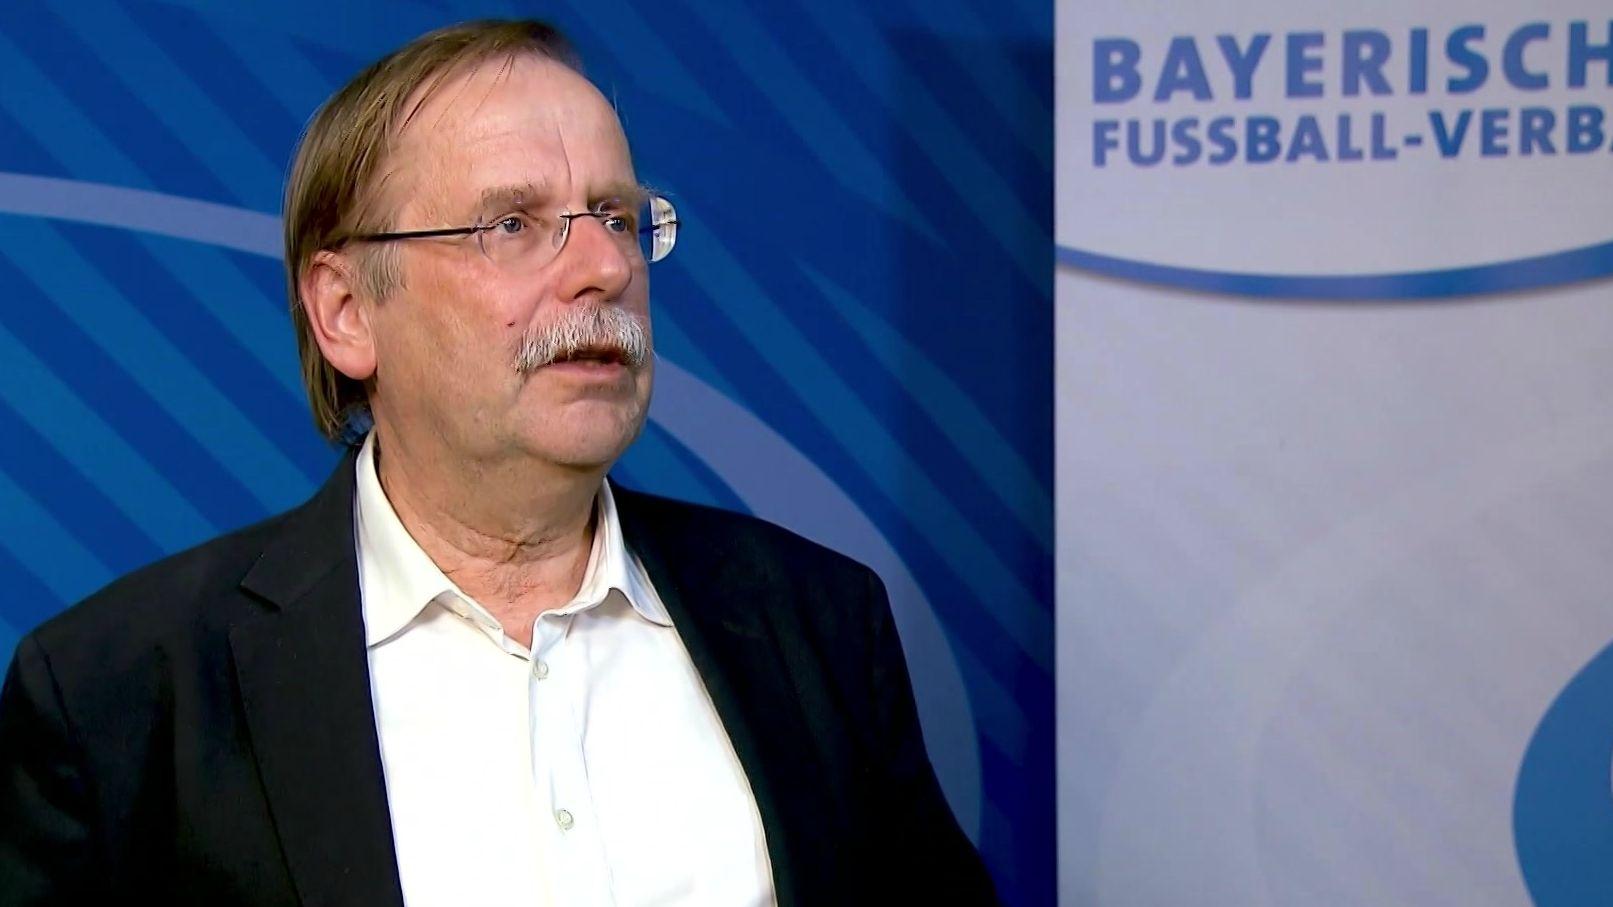 DFB-Vize und BFV-Präsident Rainer Koch